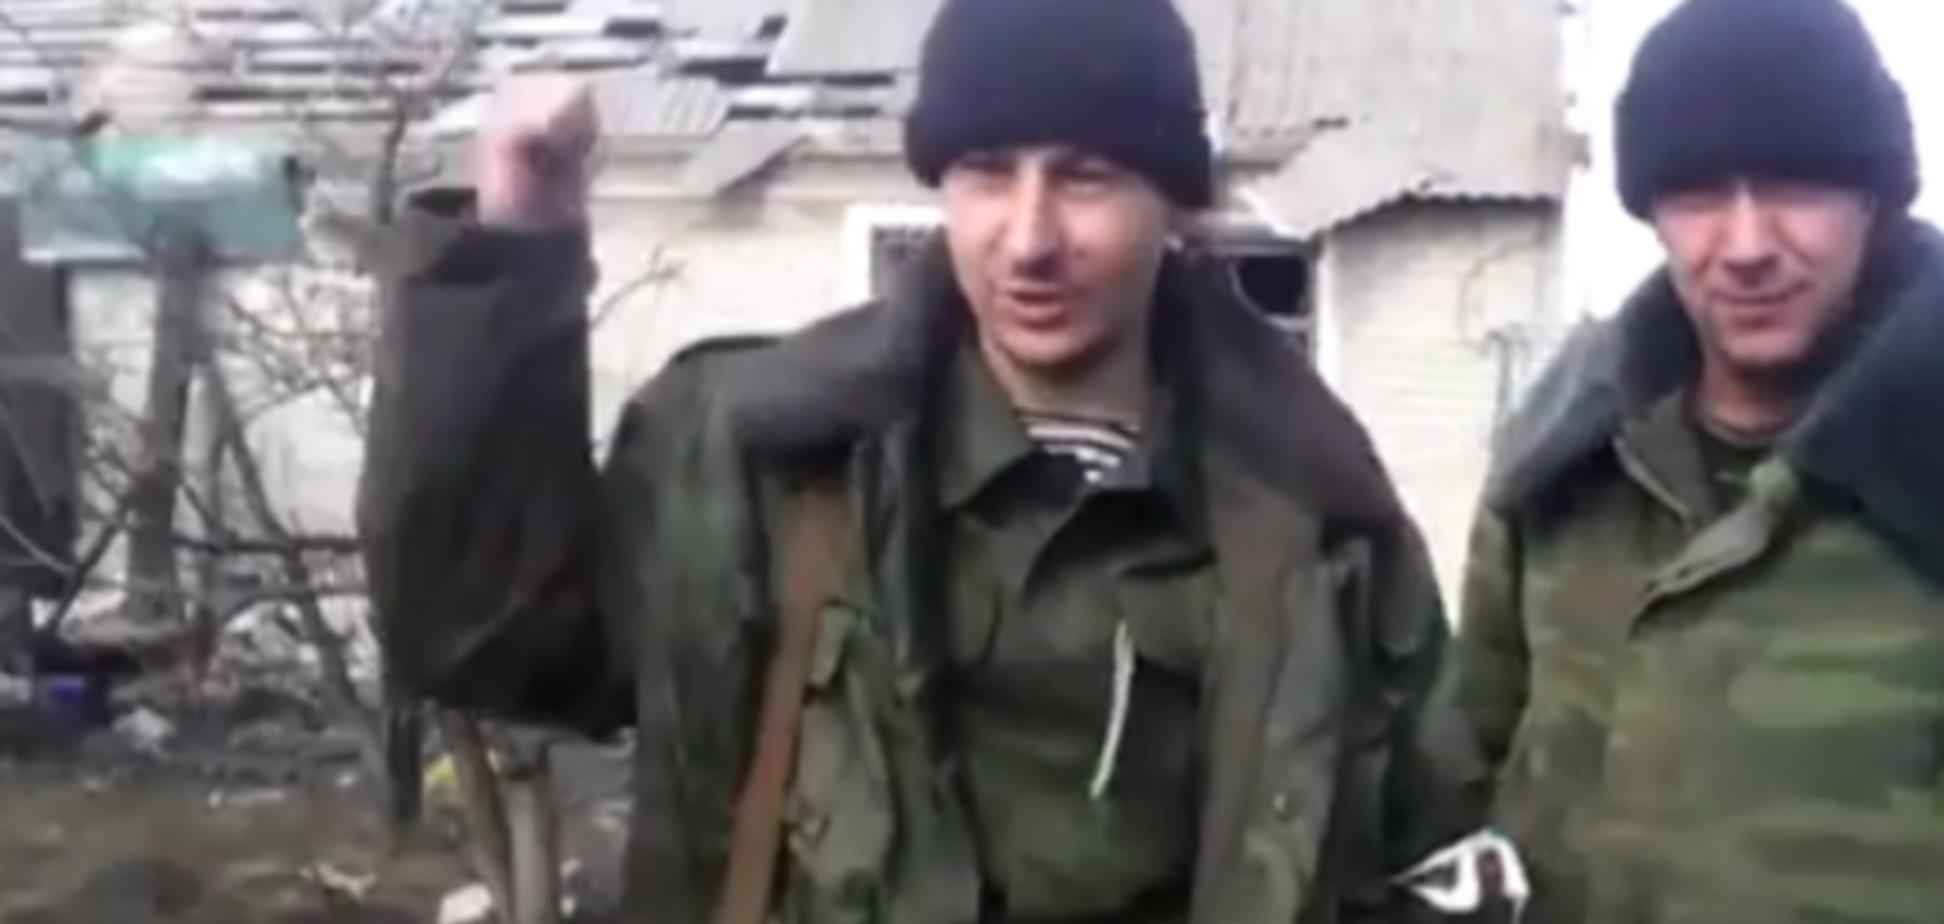 Российские 'освободители', атаковавшие Дебальцево, угрожают превратить Киев в 'разбитую деревню': видеофакт